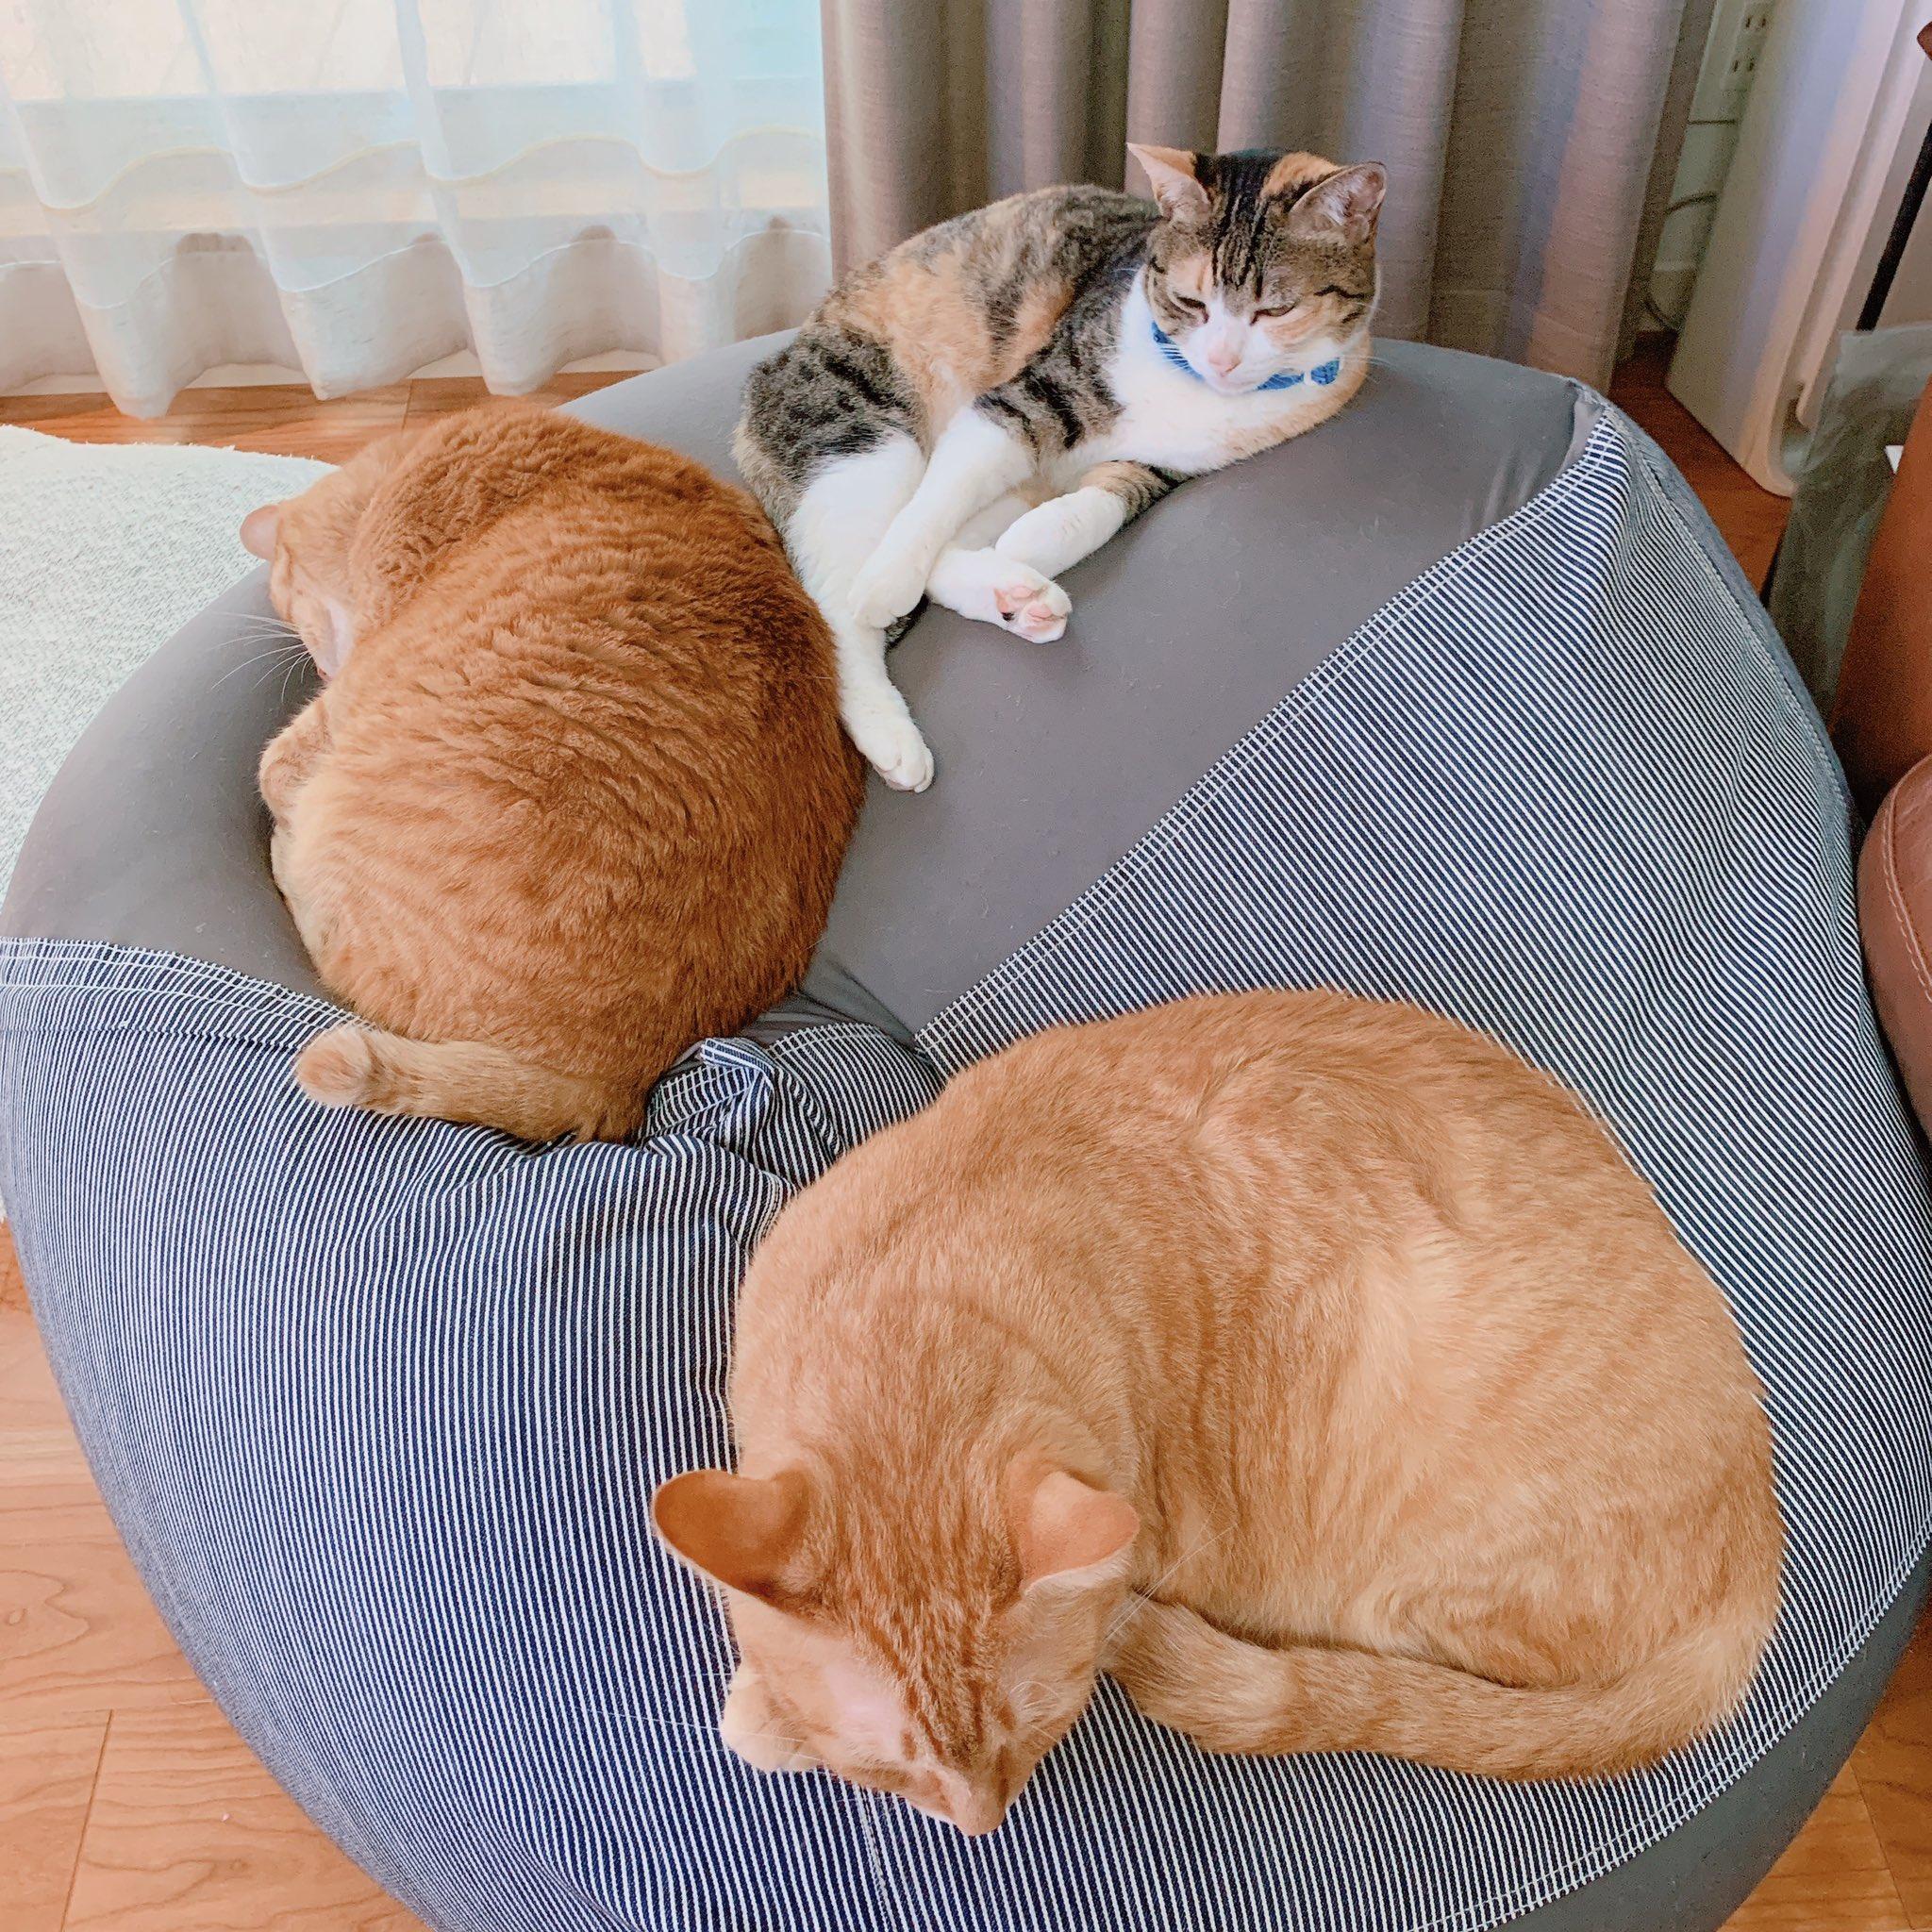 無印の人をダメにするソファ買って半年経つんだけどなんかとにかくいつも混み合ってて座らせてもらえない